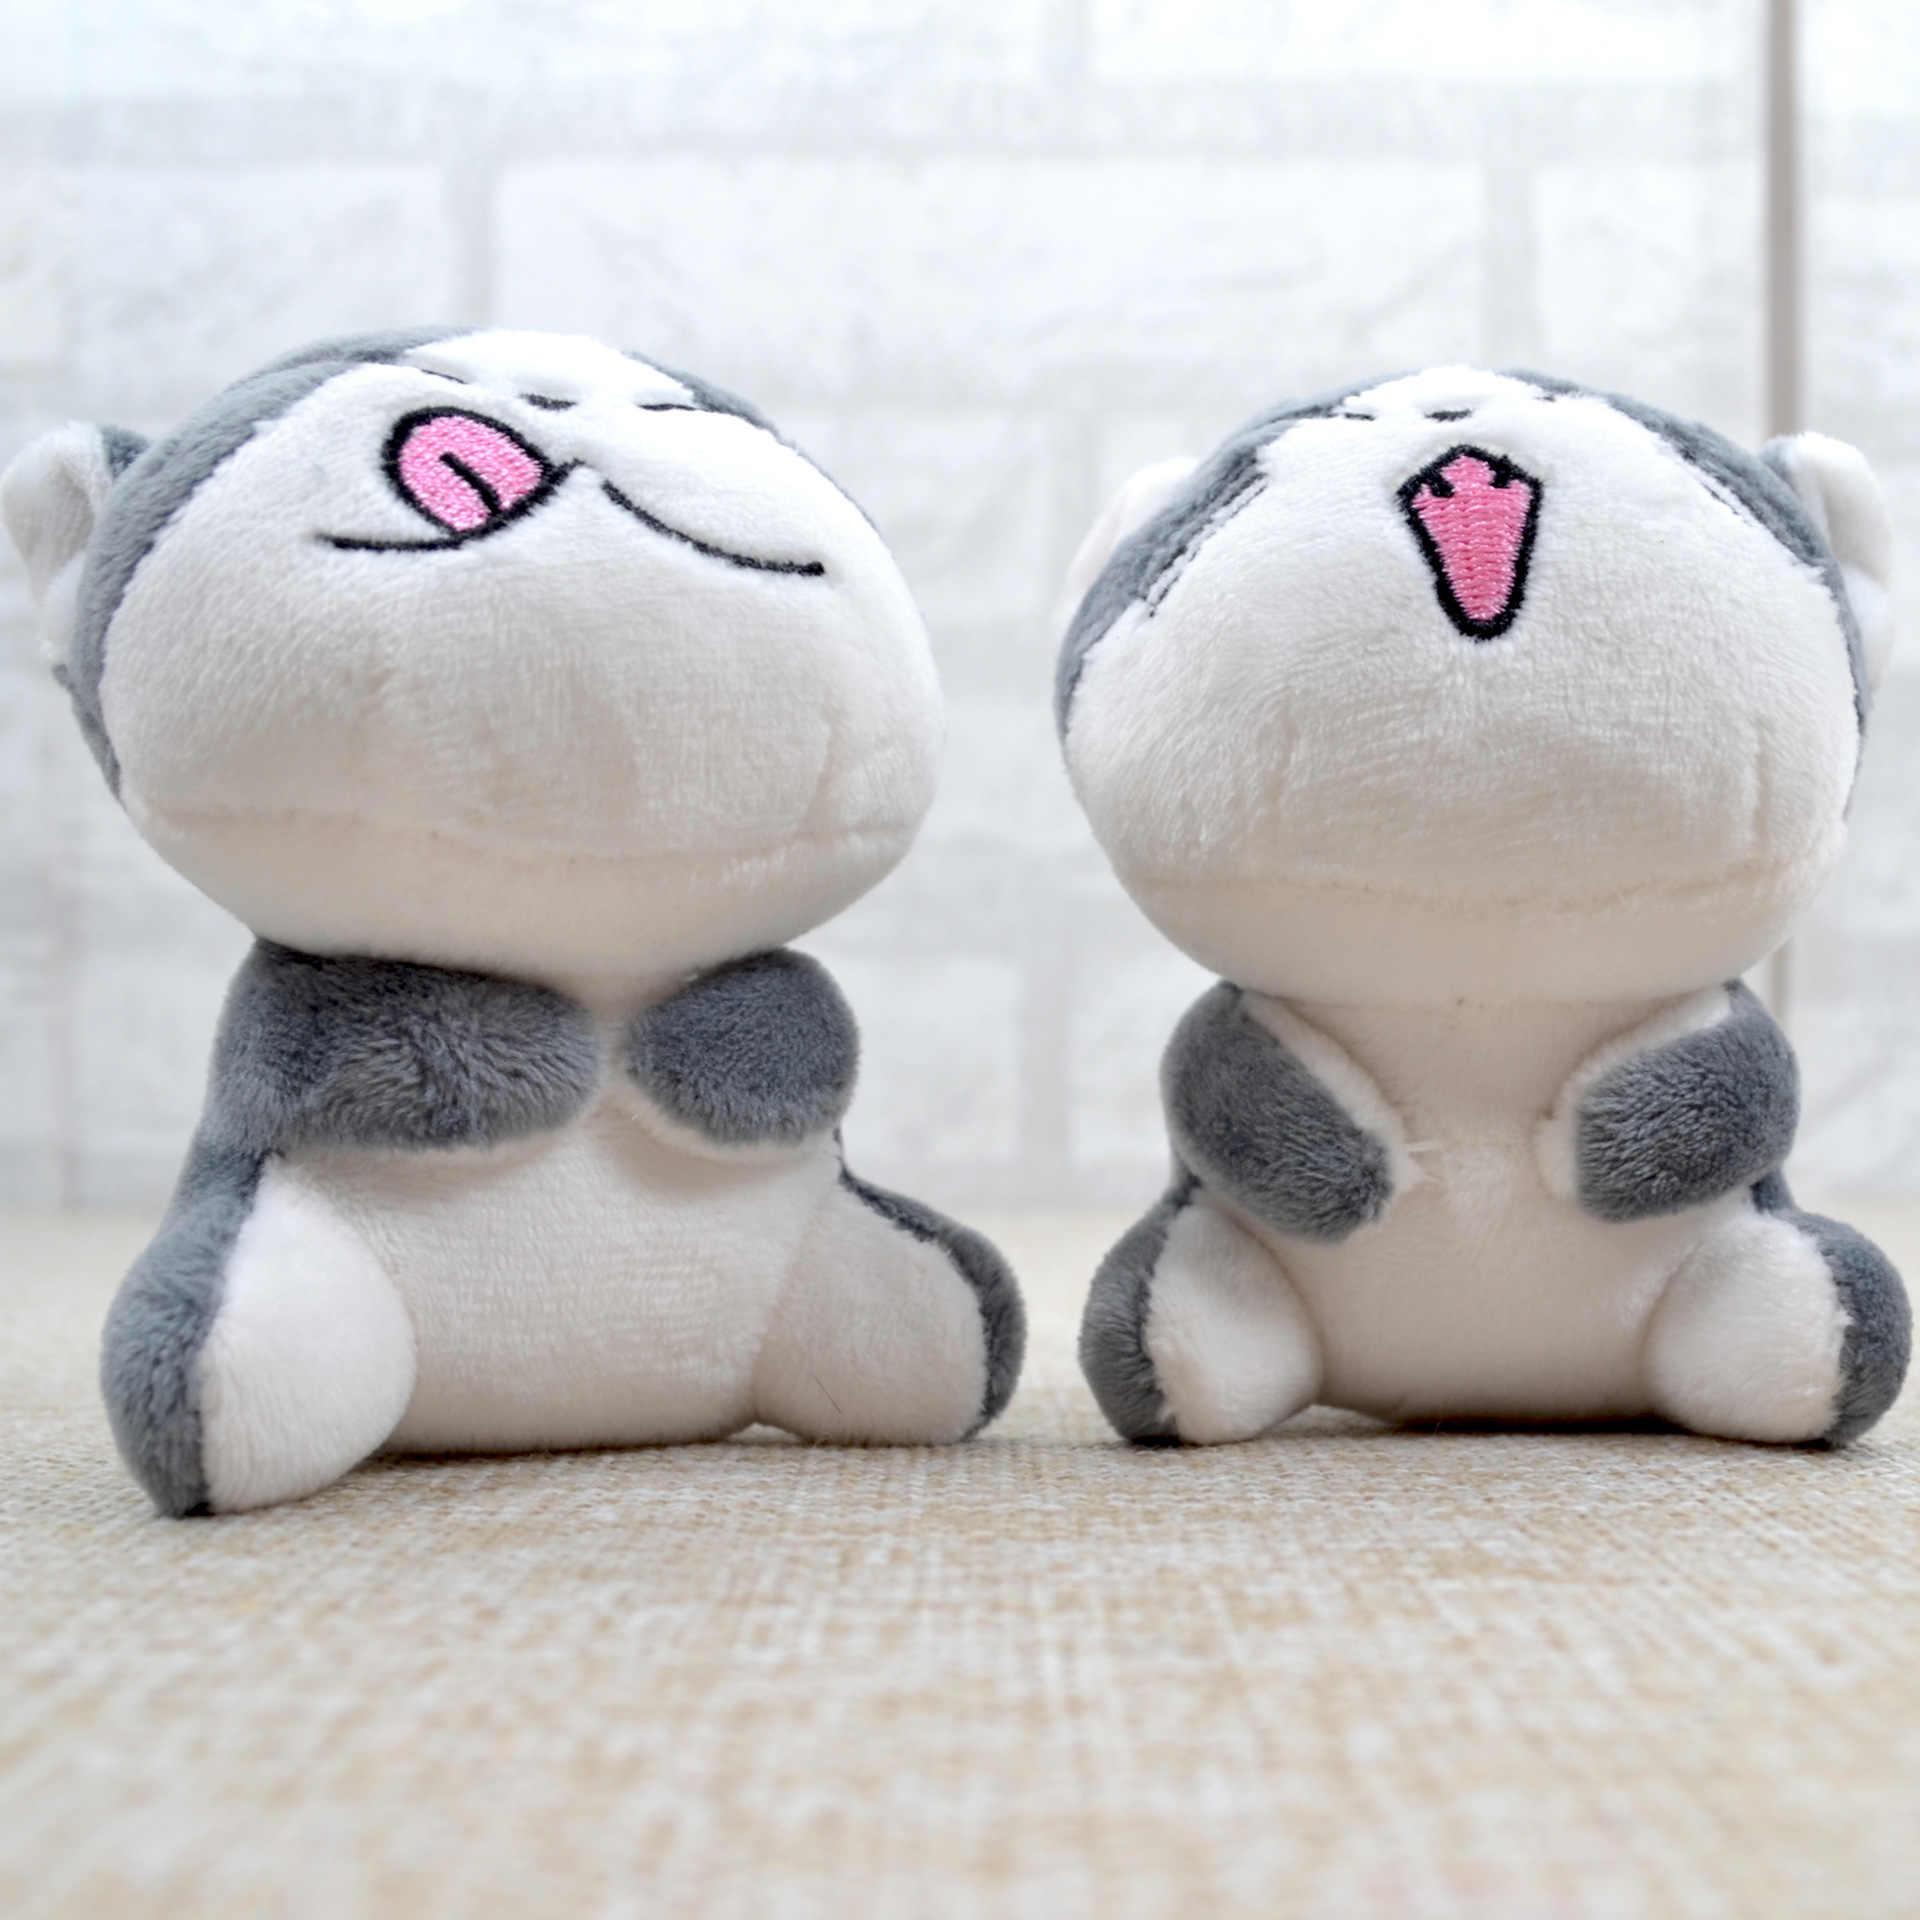 9CM Kawaii 부드러운 인형 고양이 인형 고양이 열쇠 고리 회색 앉아 고양이 플러시 인형 장난감 꽃다발 선물 플러시 장난감 꽃 고양이 인형 선물